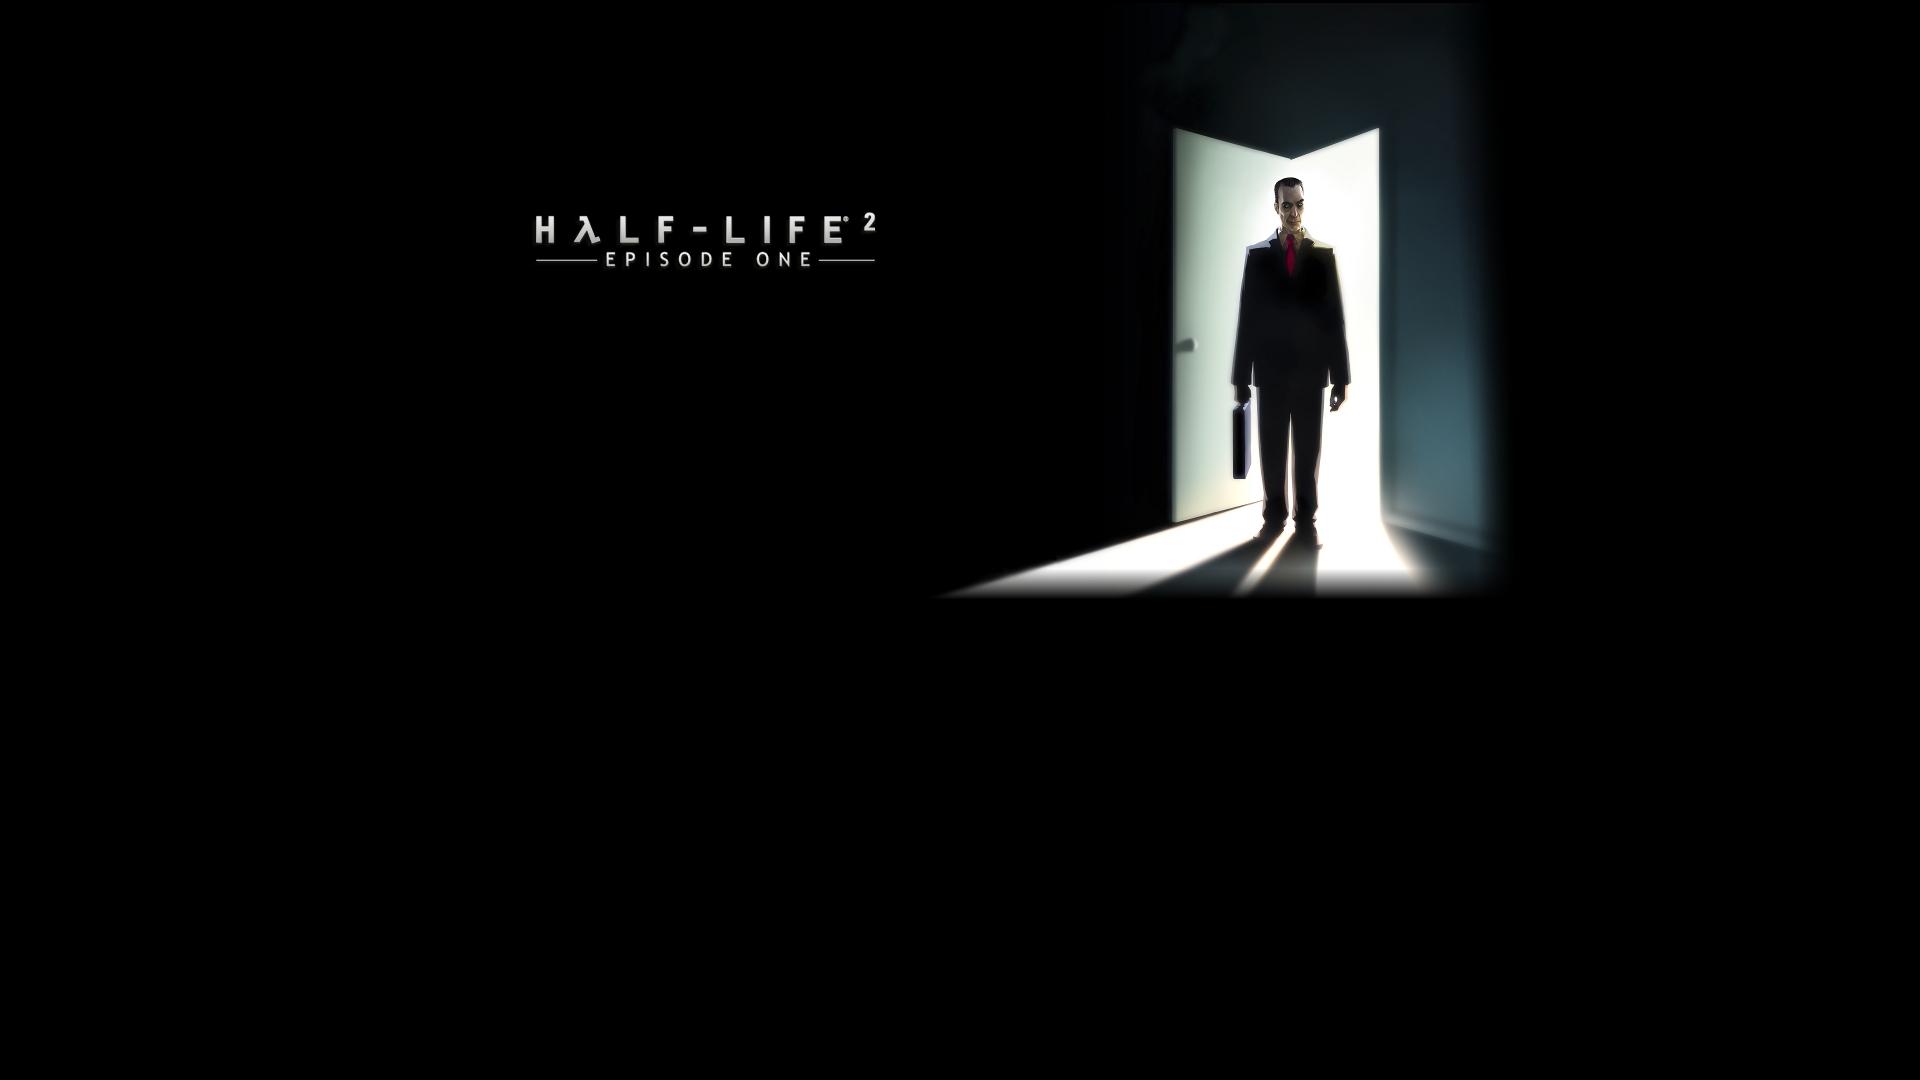 Half Life S Wallpaper 1920x1080 67559